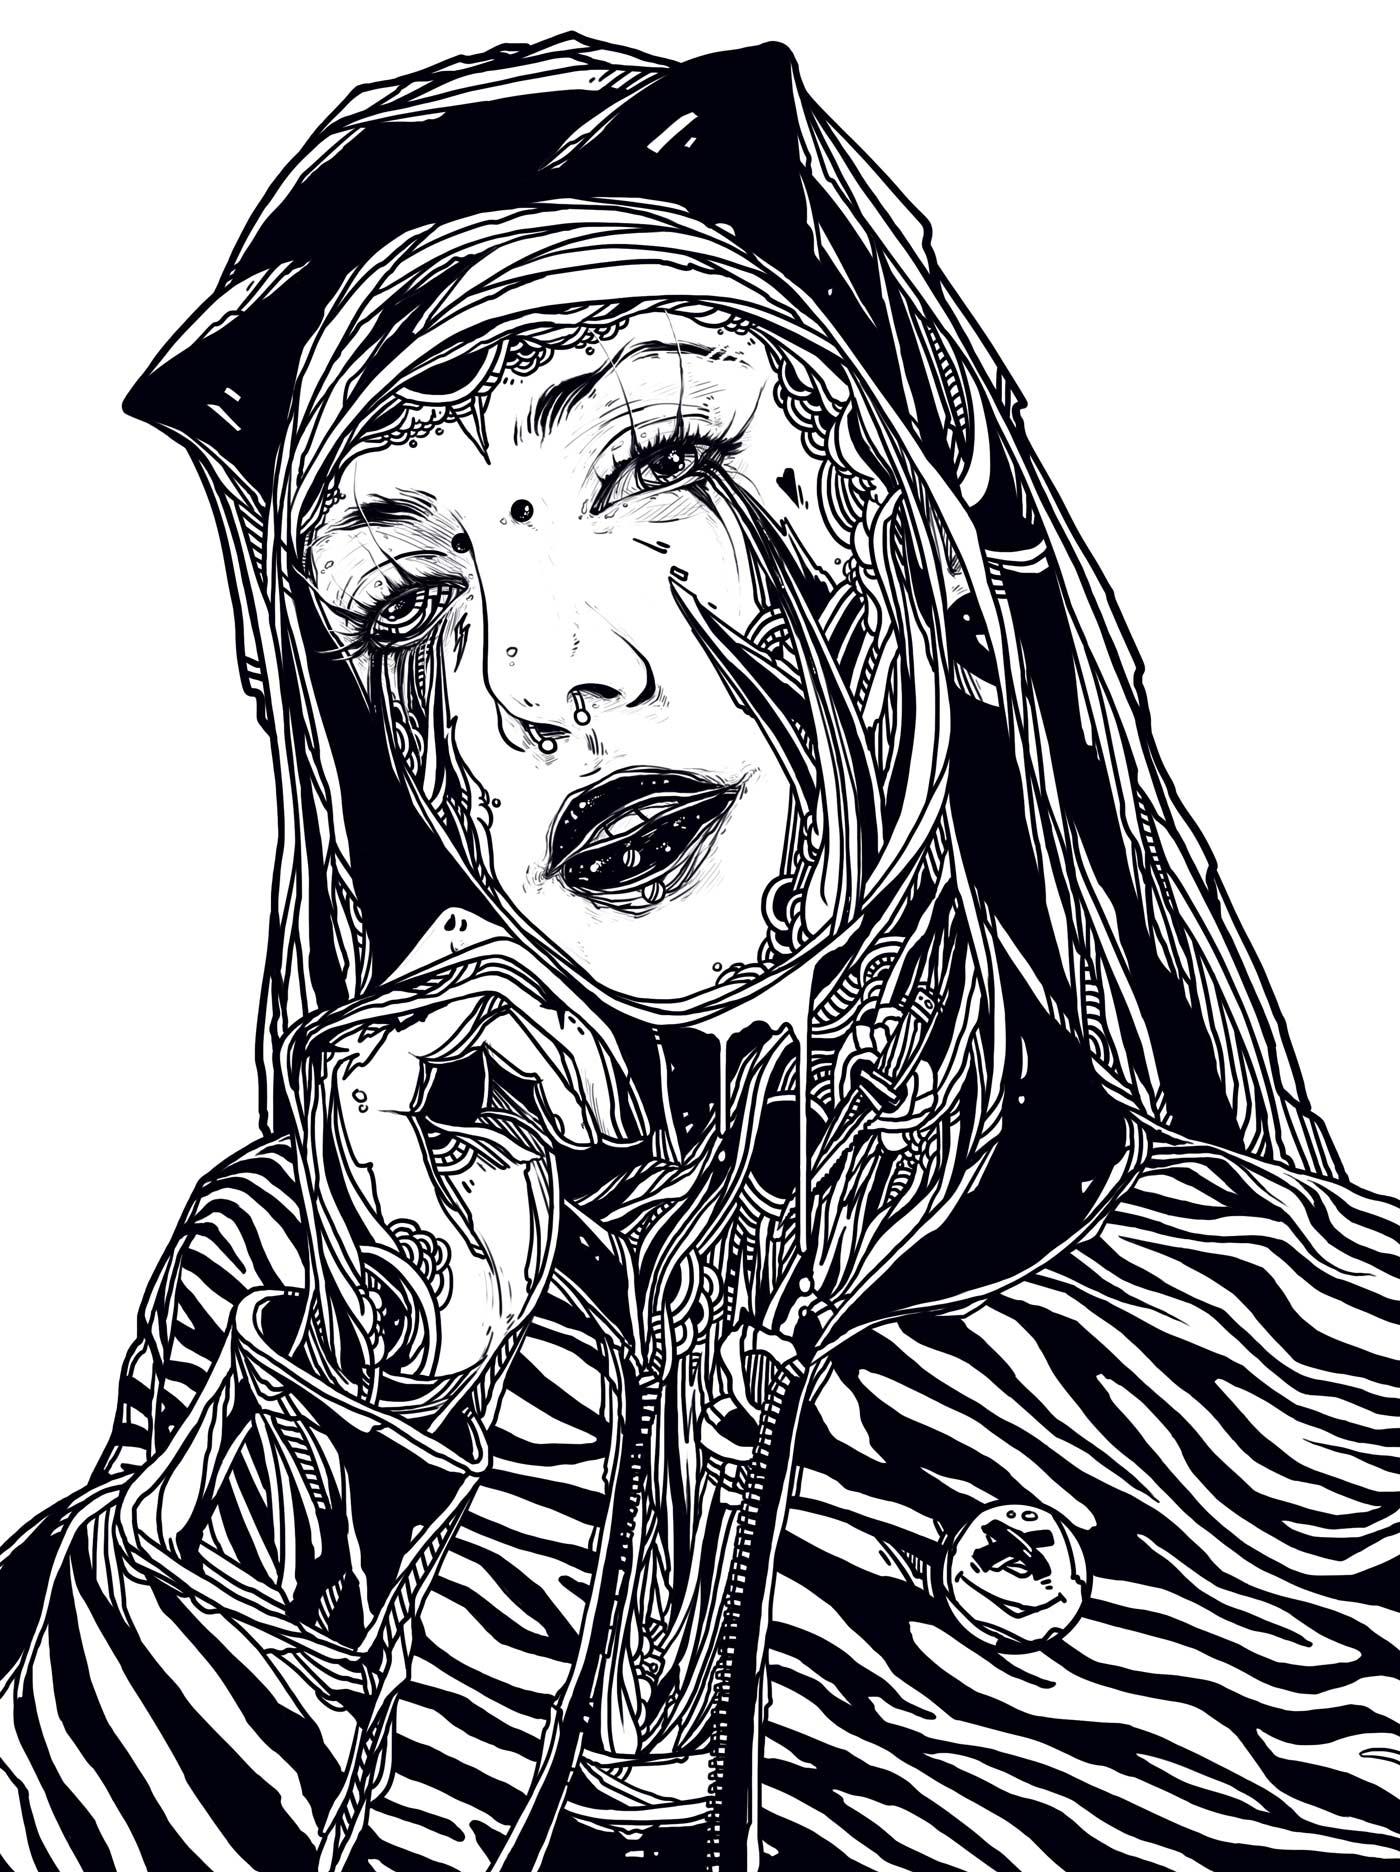 Neue Illustrationen von Conrado Salinas Conrado-Salinas-2_09